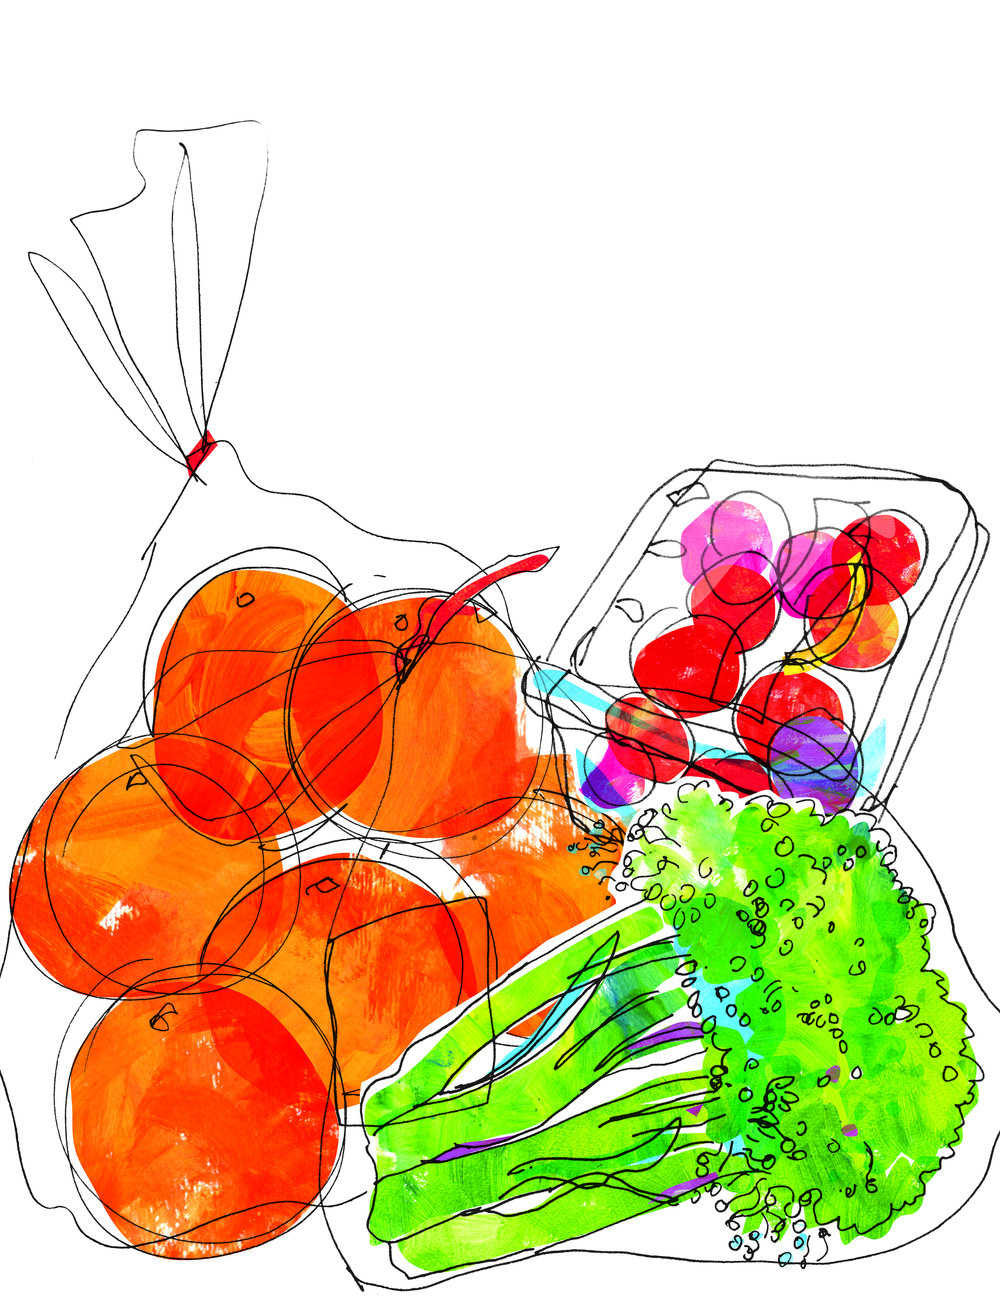 wegmans groceries_flat.jpg